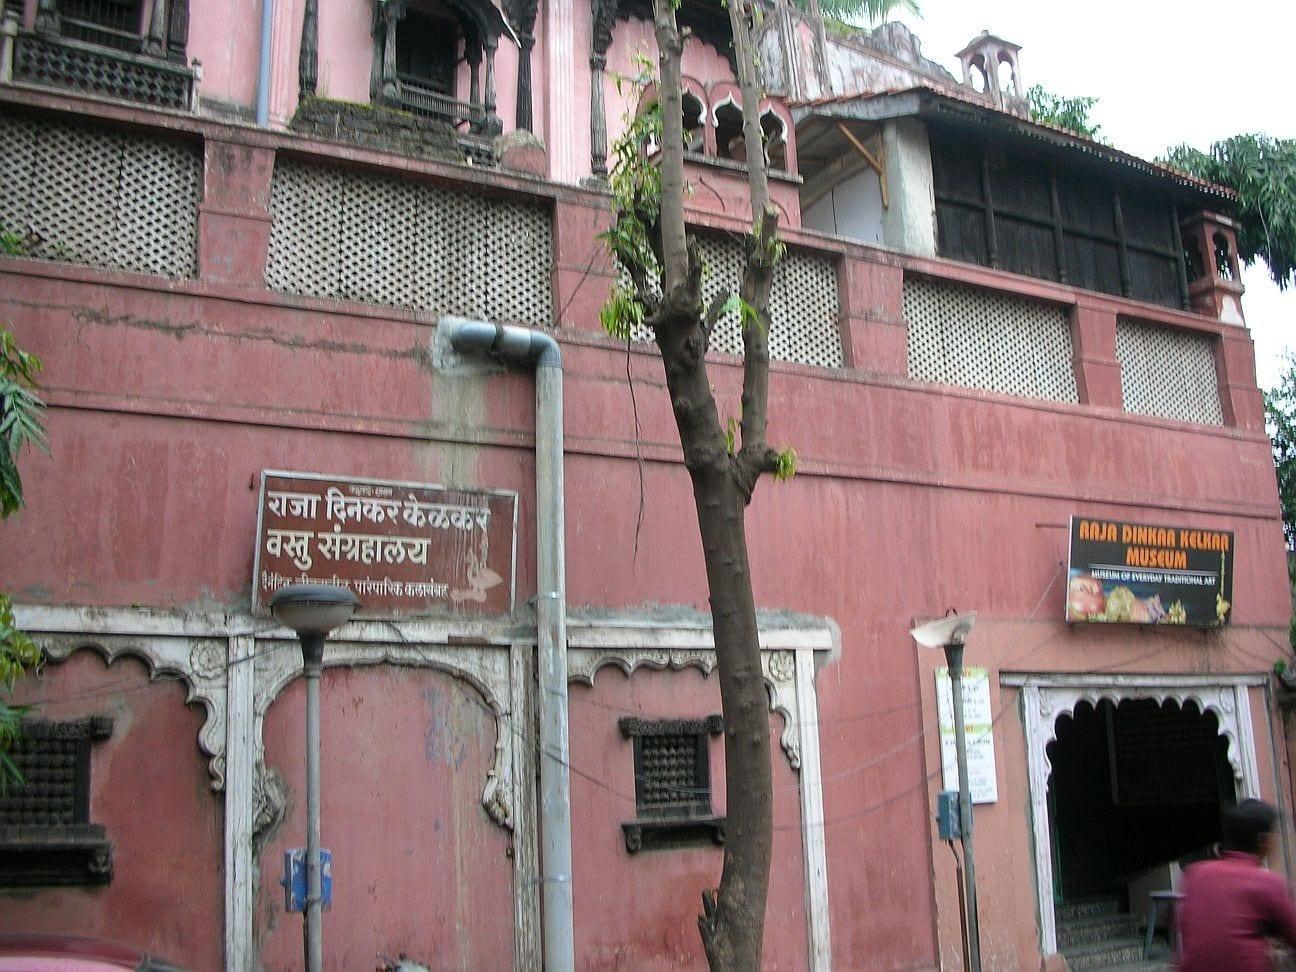 El edificio del Museo Raja Dinkar Kelkar Pune India